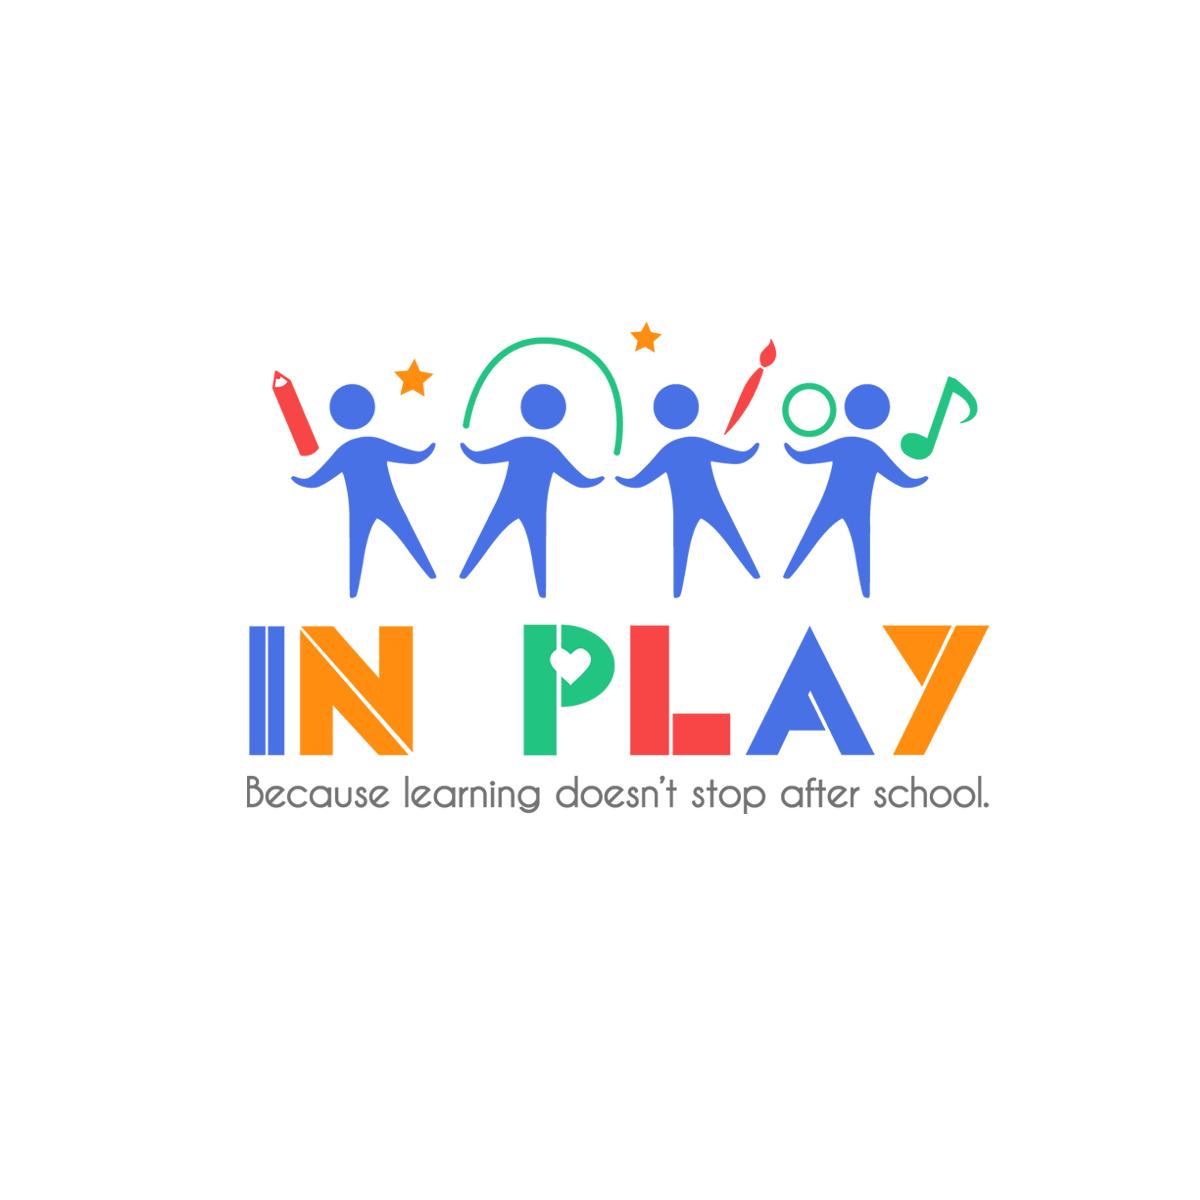 nonprofit logo design for inplay by emily hamnett